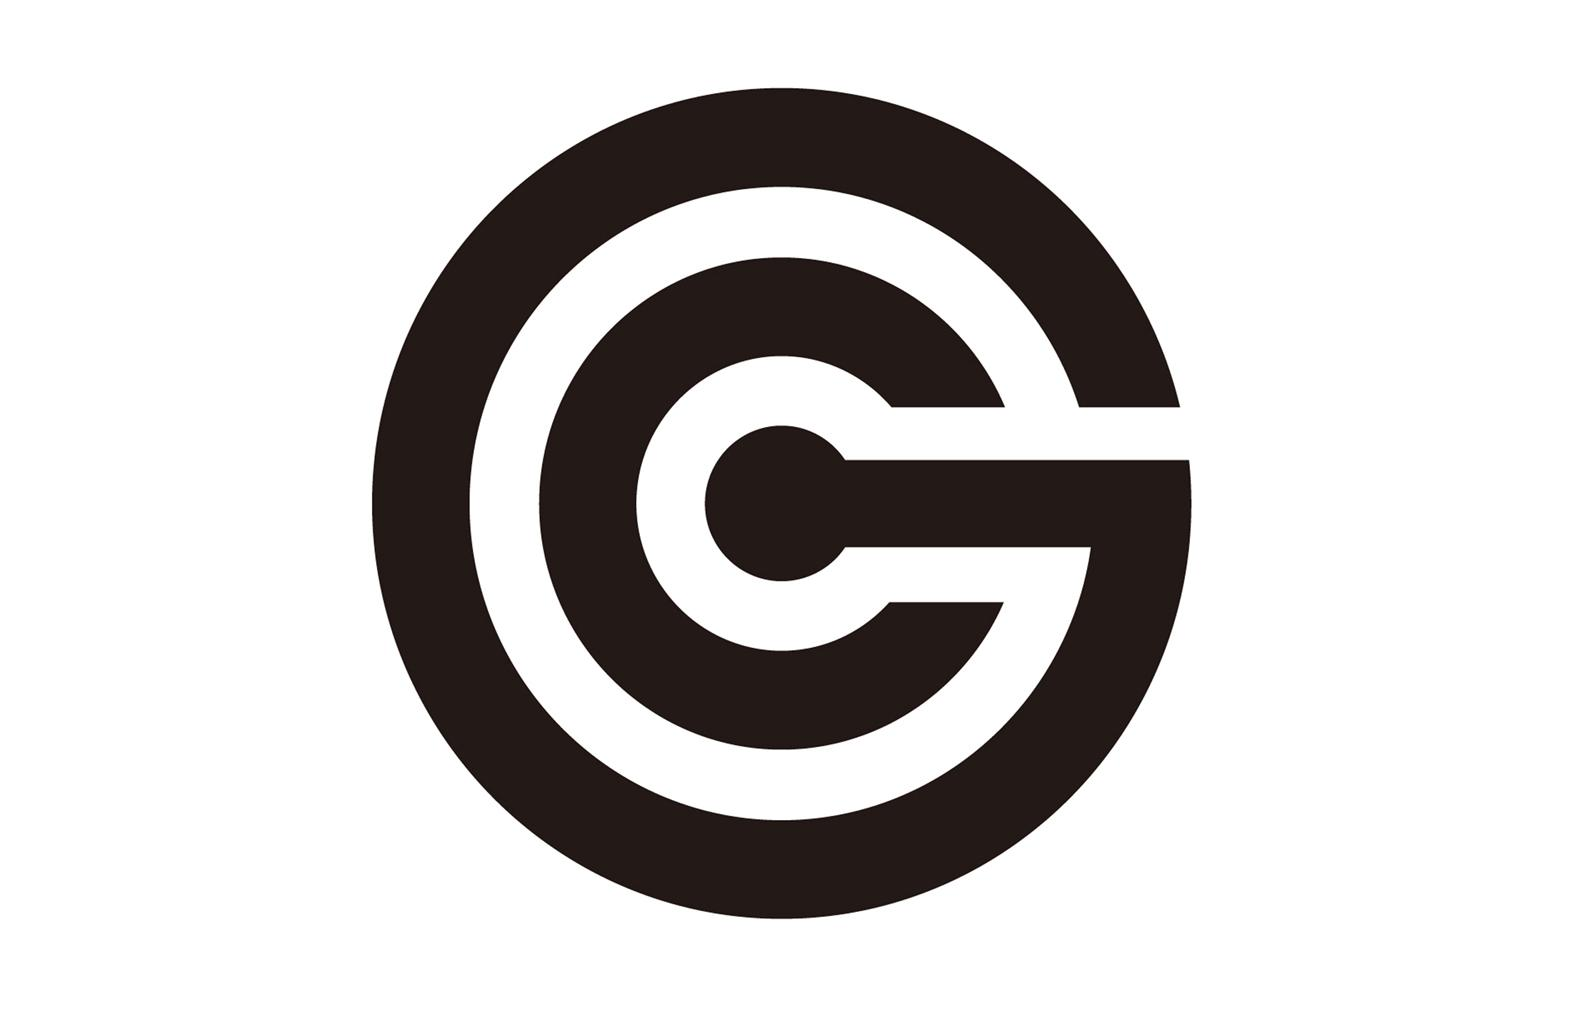 logo 标识 标志 设计 矢量 矢量图 素材 图标 1575_1010